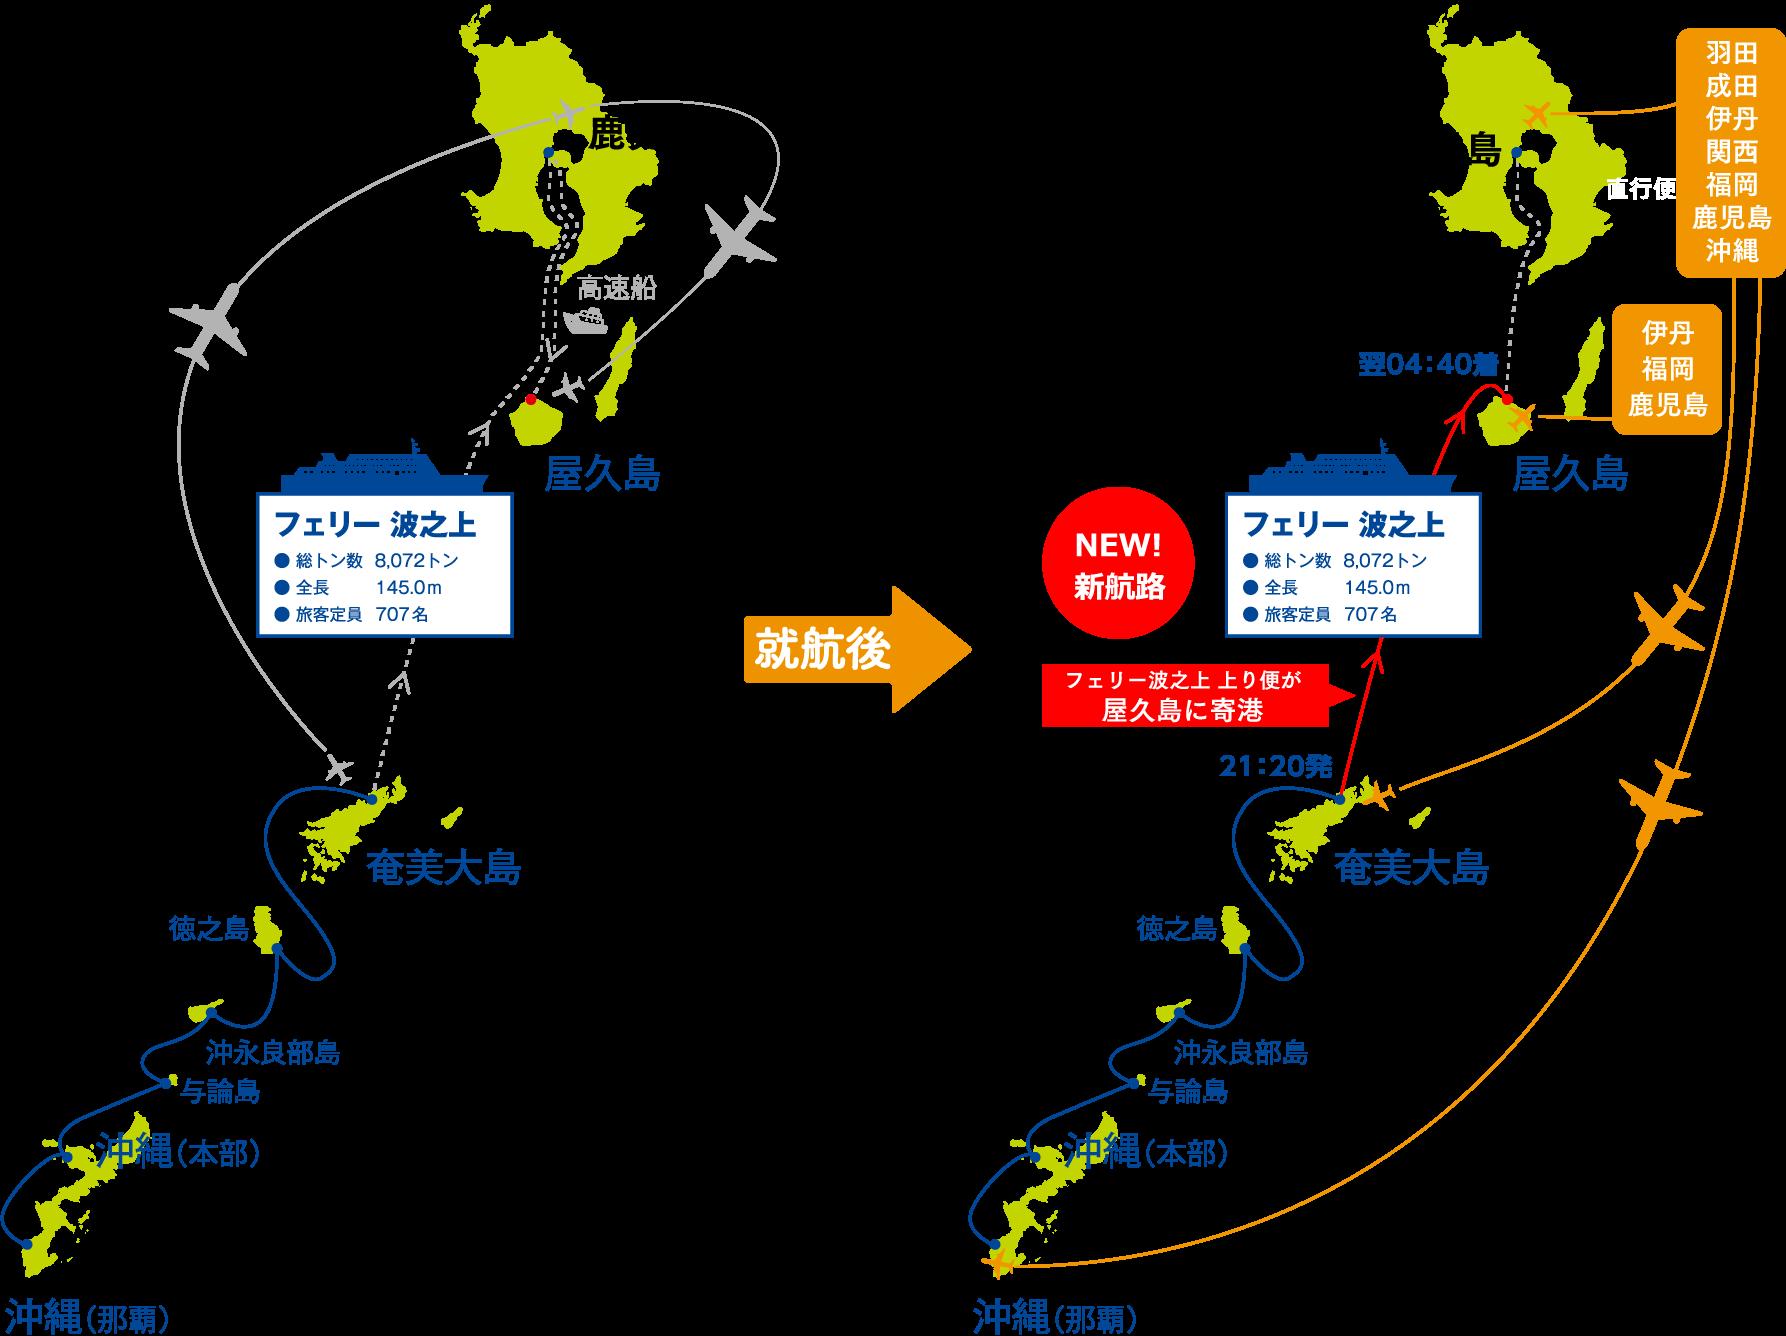 沖縄本島(那覇・本部) →奄美各島経由→屋久島(宮之浦港)→鹿児島新港